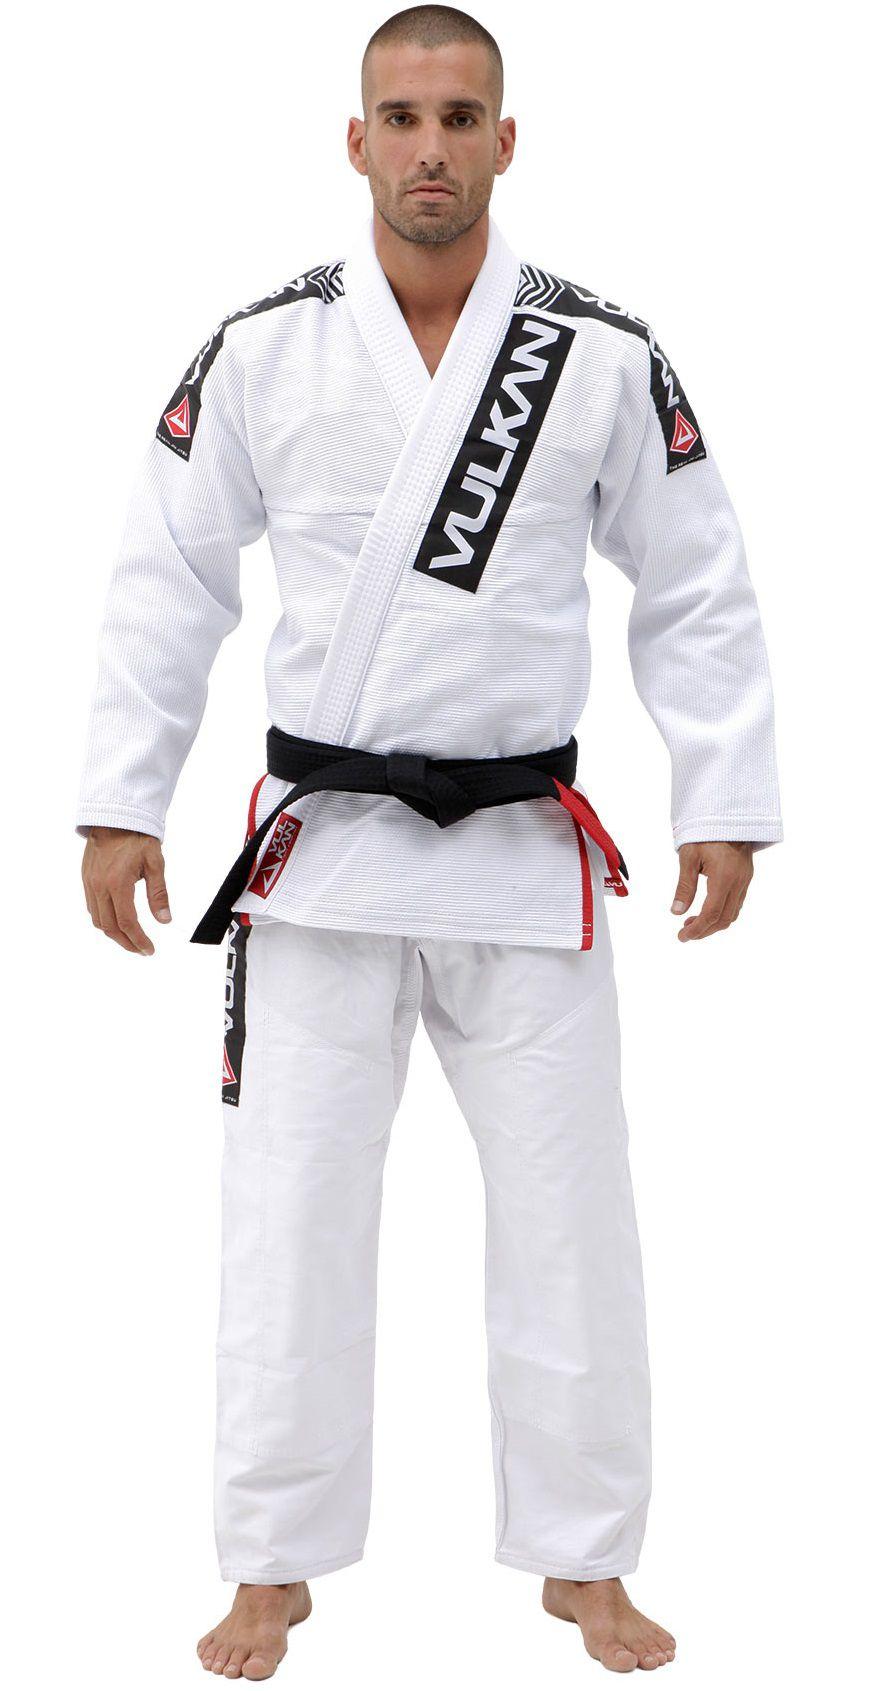 Kimono Vulkan Para Jiu-jitsu Profissional Adulto - Phanton Pro Branco Masculino